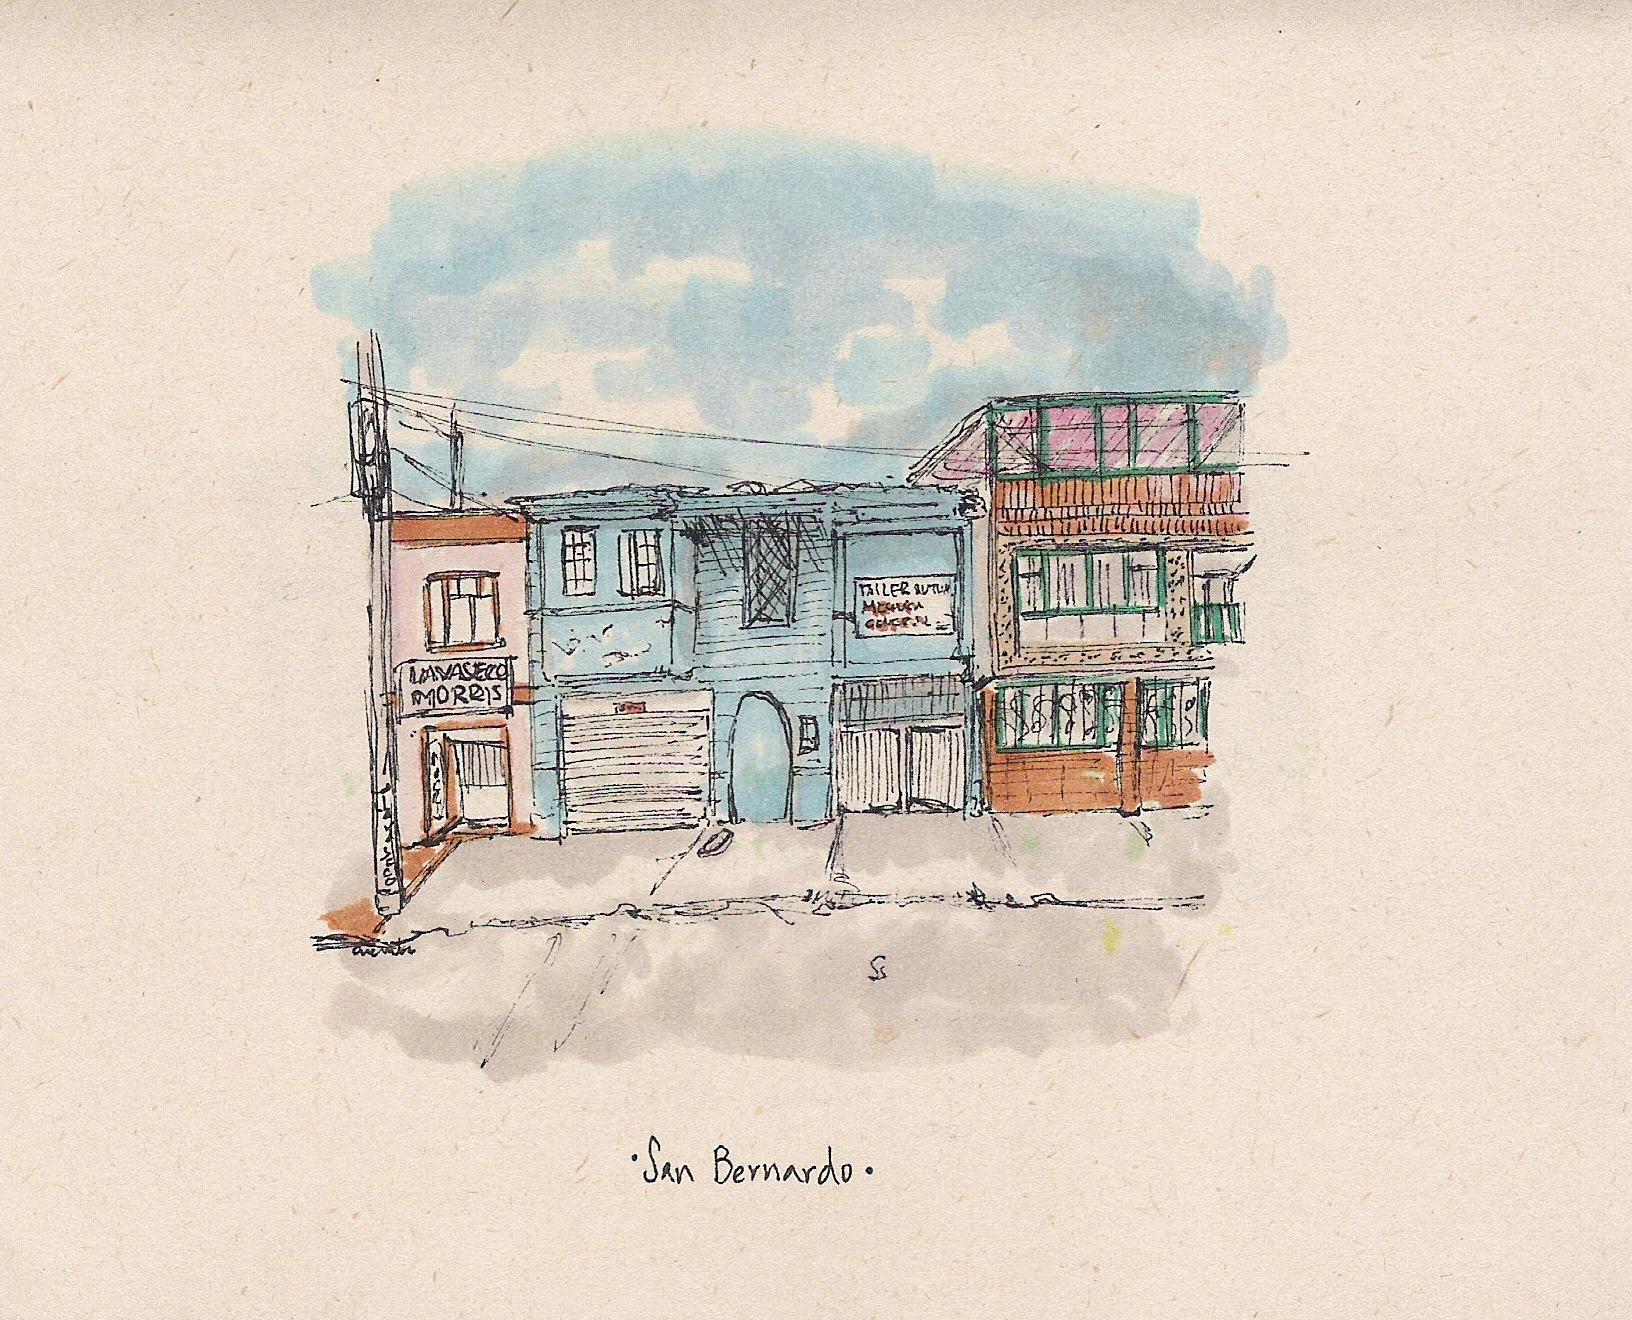 22_03-San-Bernardo